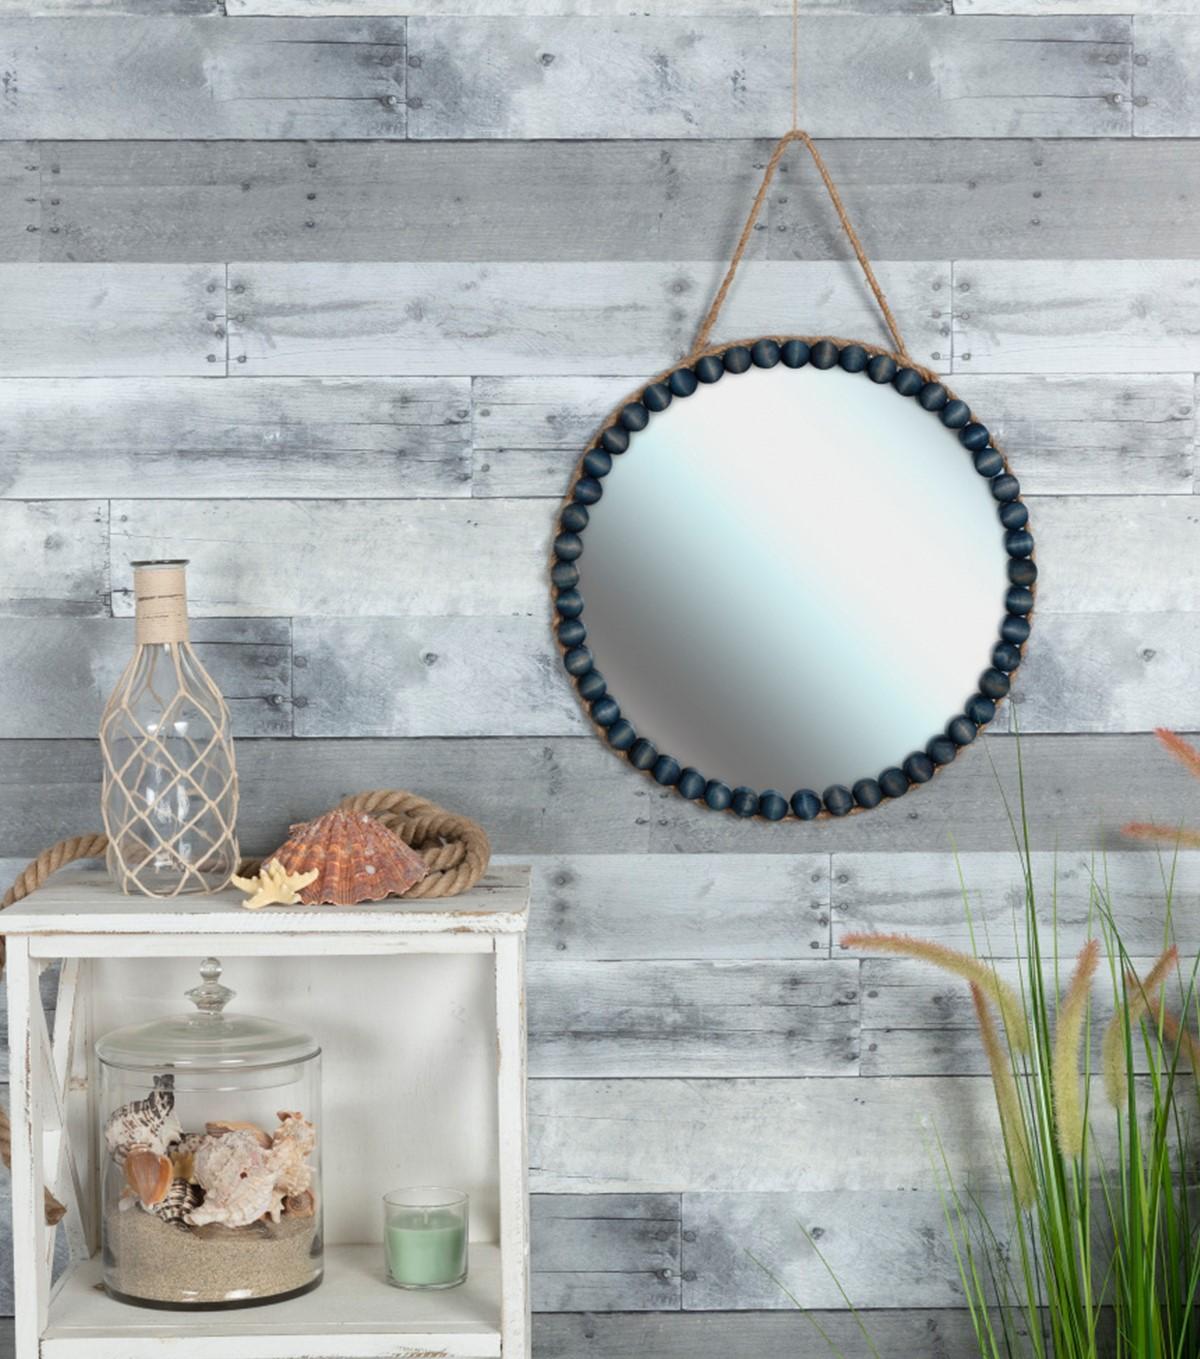 Miroir de style marin.